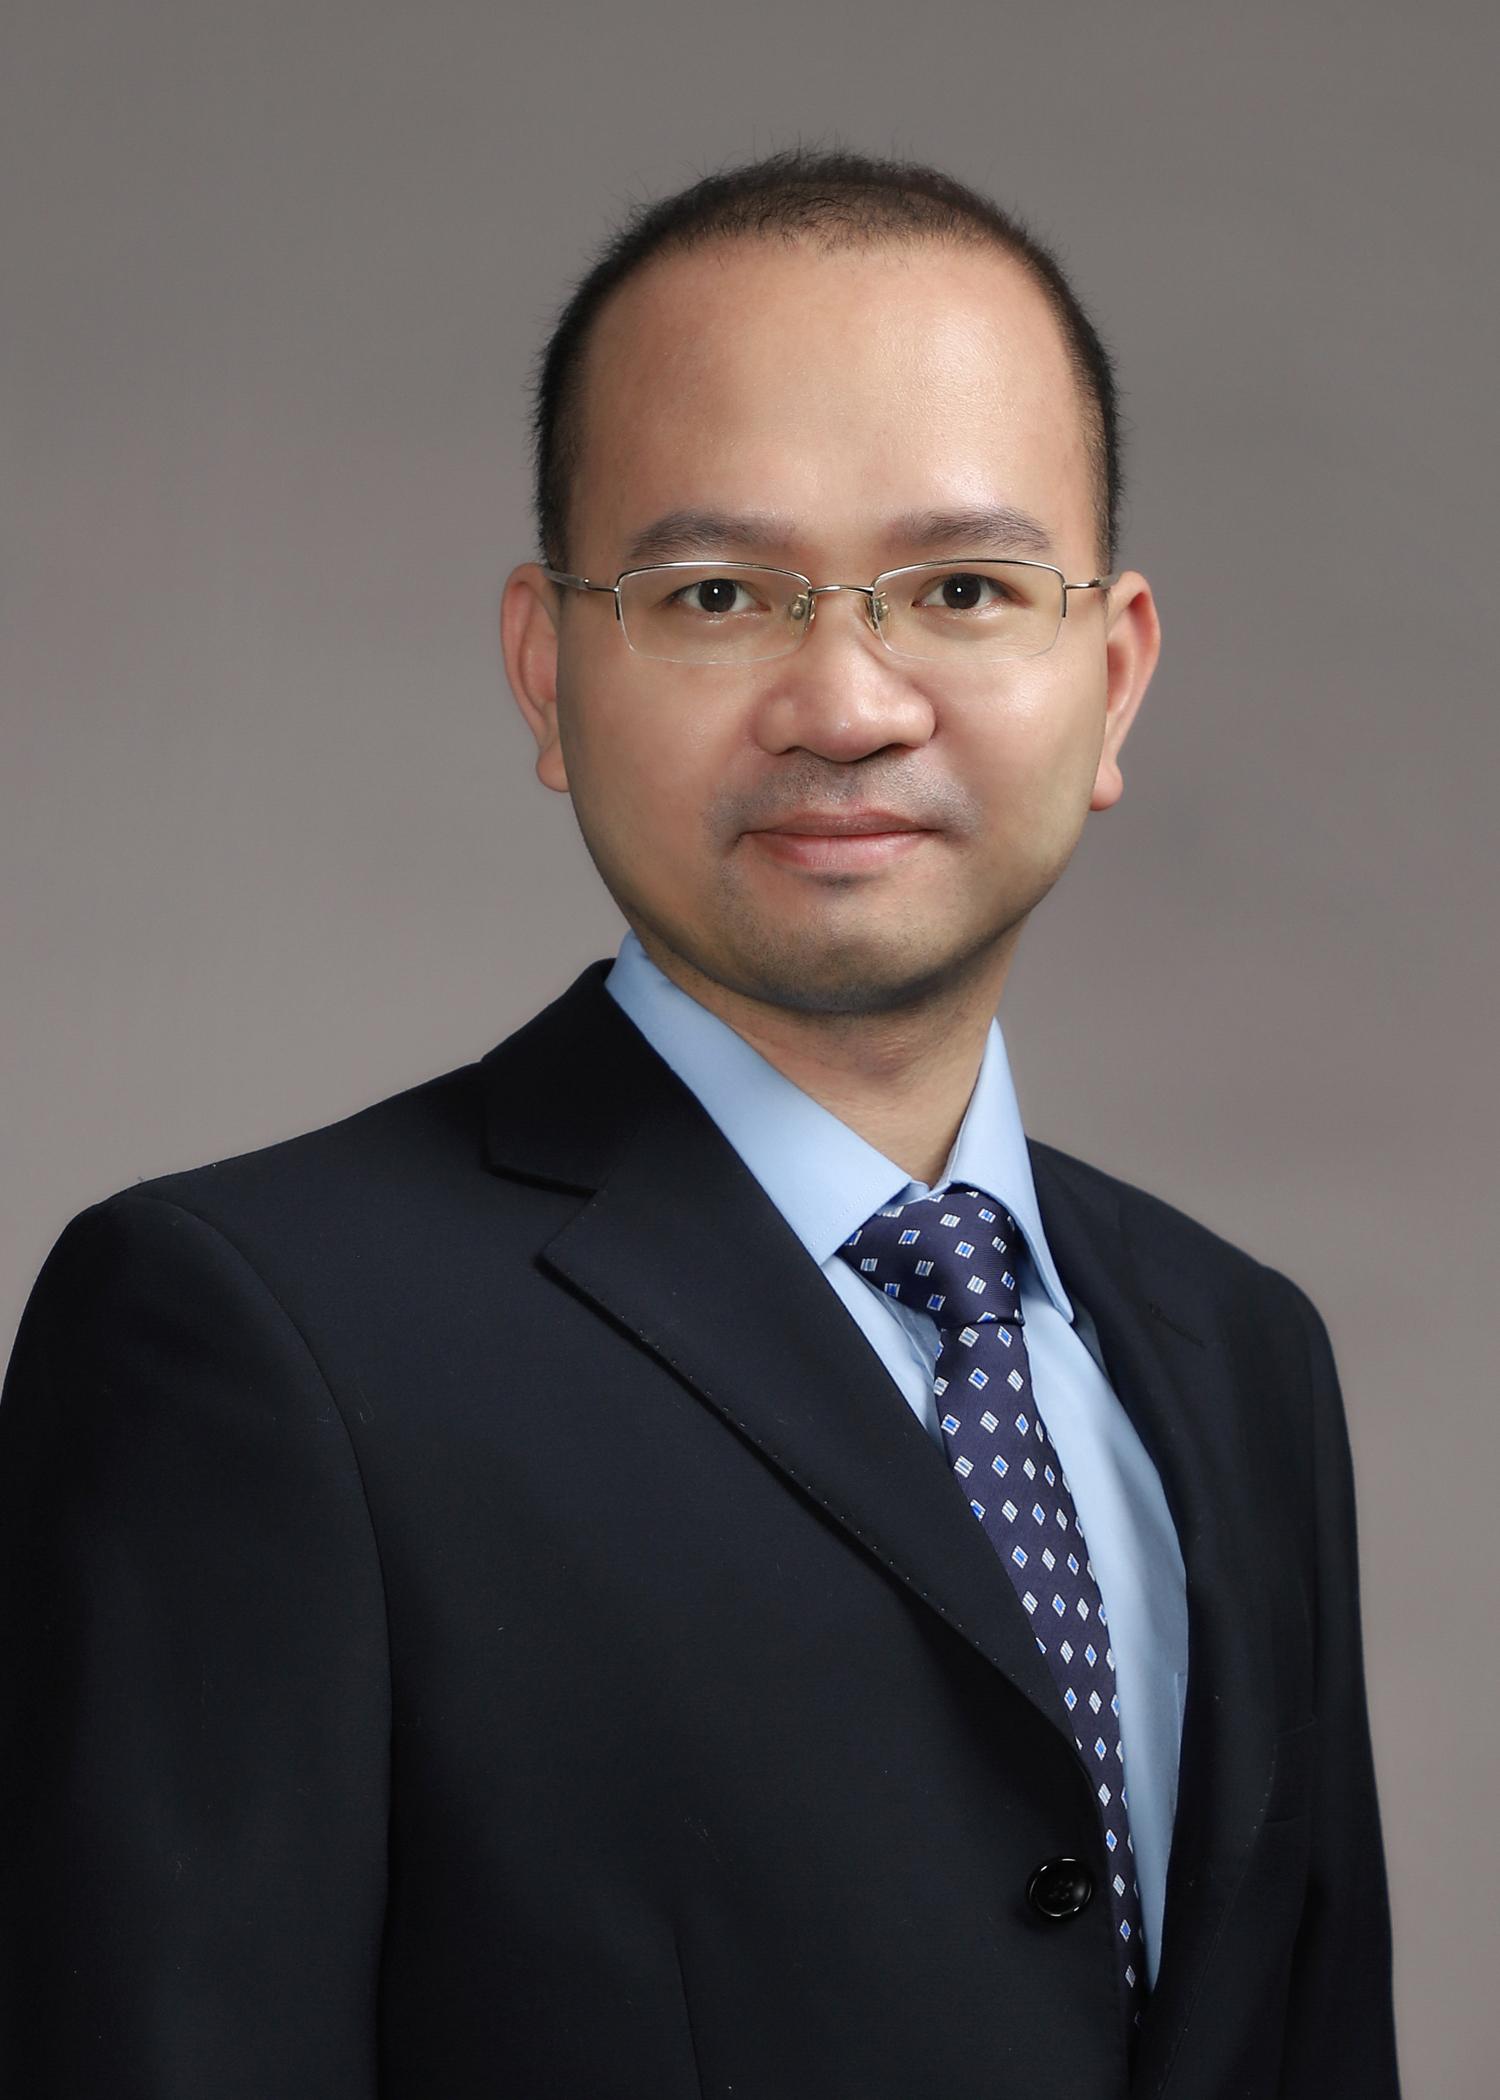 Guiqiang Li